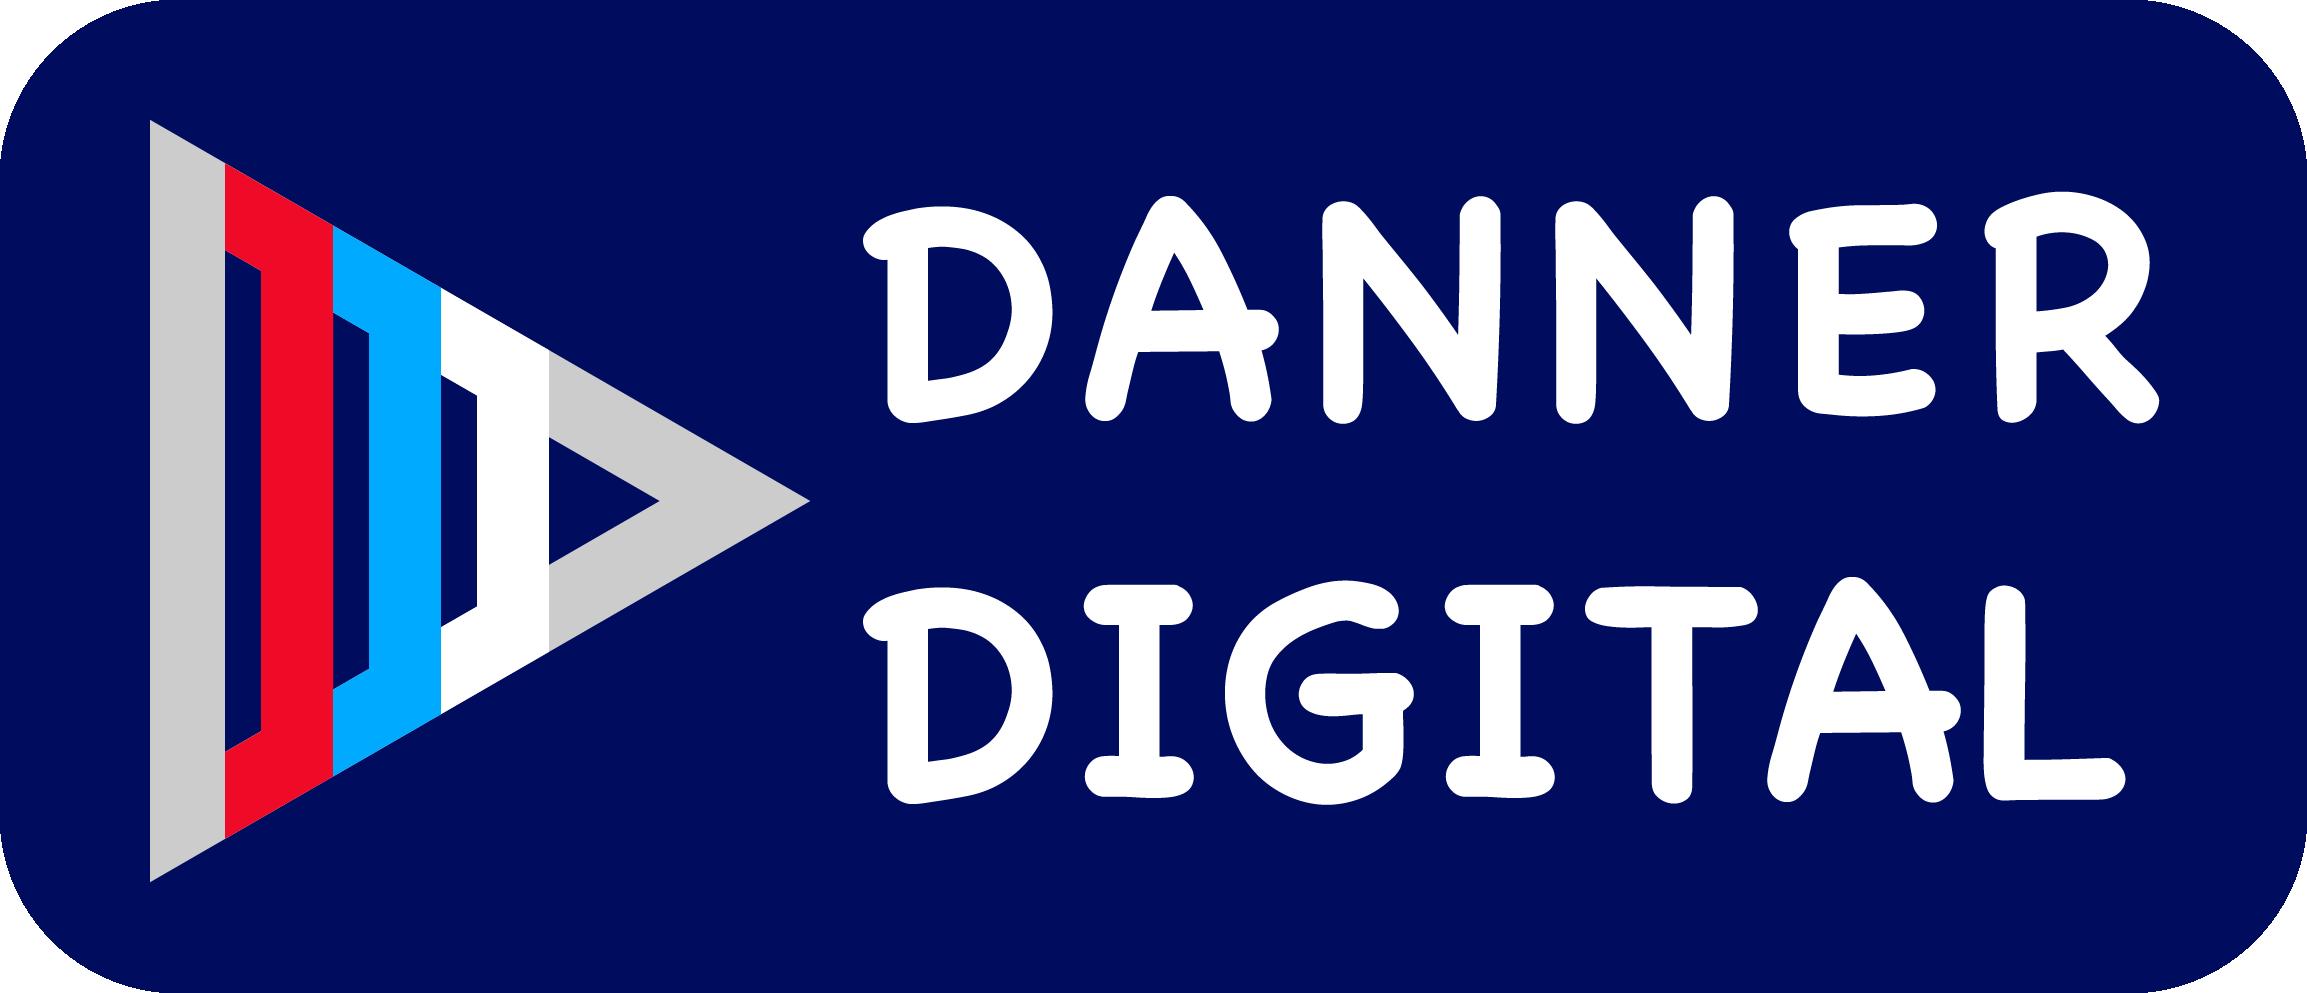 Danner Digital Logo